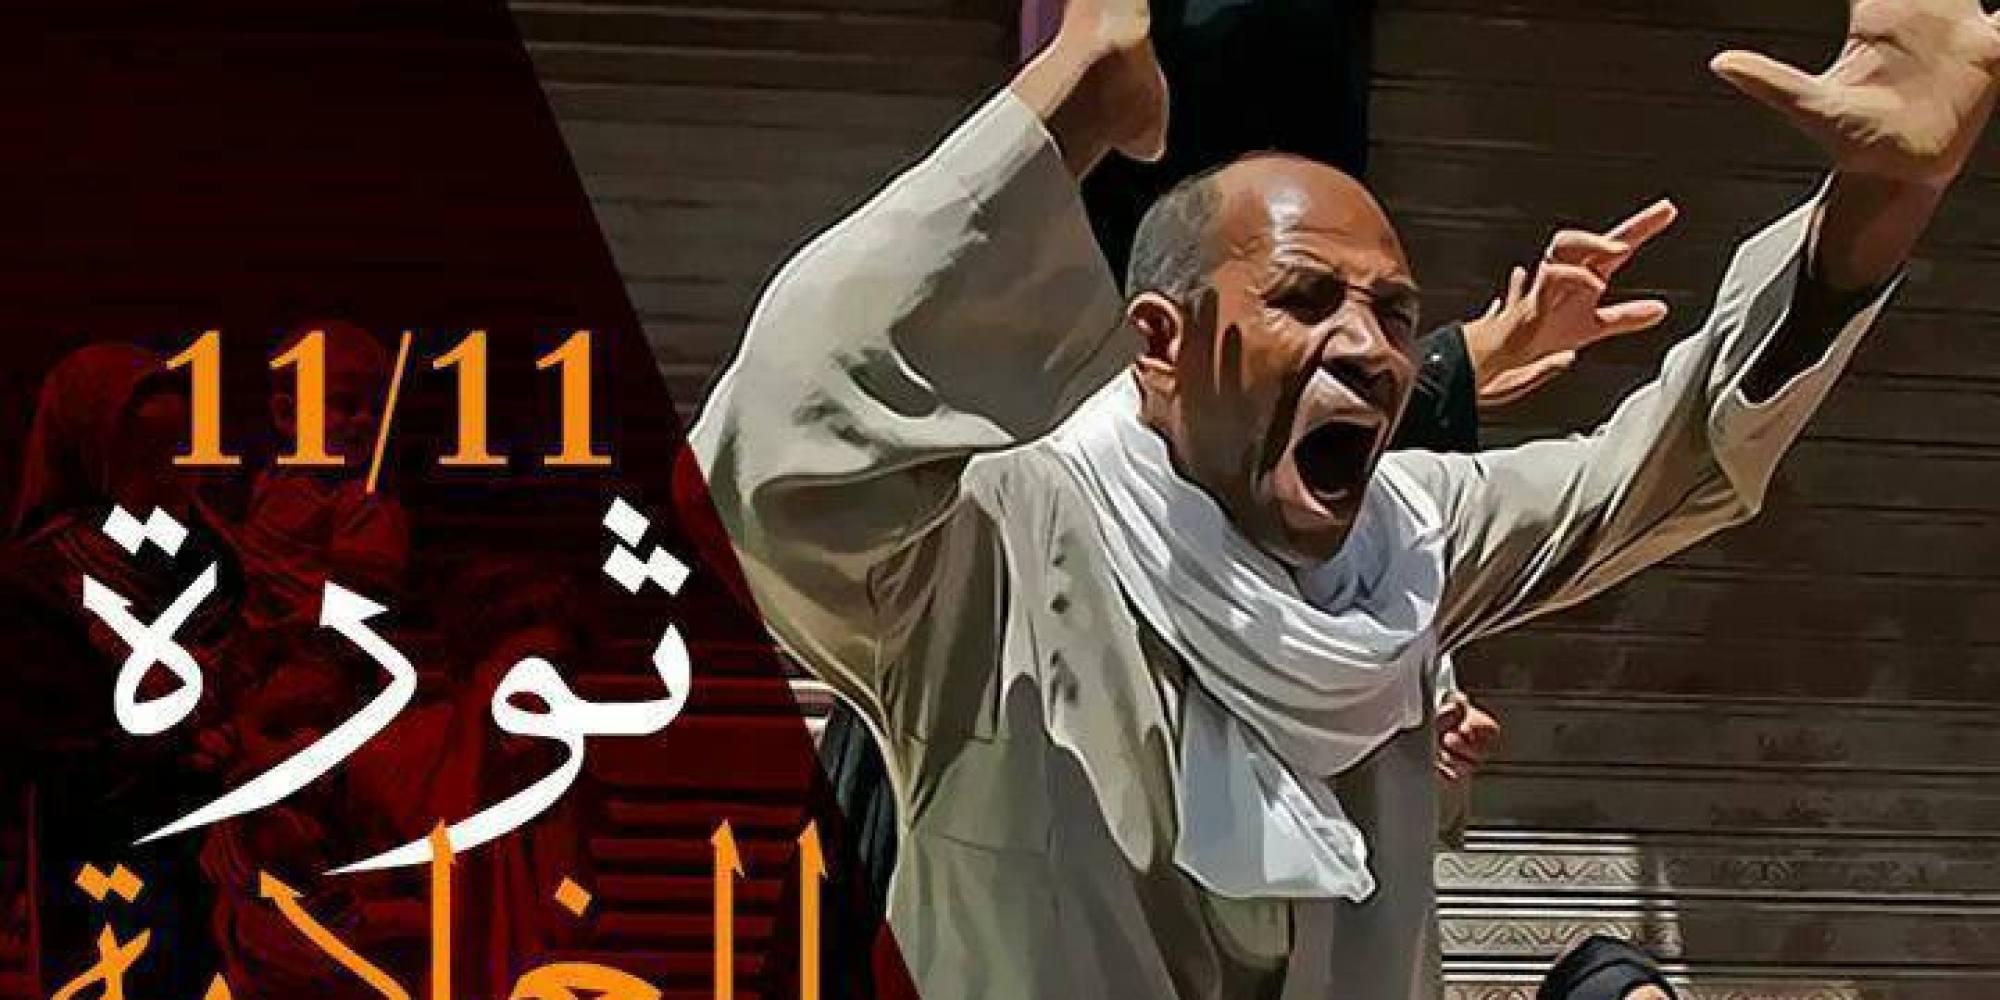 إلى الثورة أم لمدينة الملاهي؟.. المصريون في 11/11 بين عروض التمرد والتخفيضات ودعوات الانتحار الجماعي